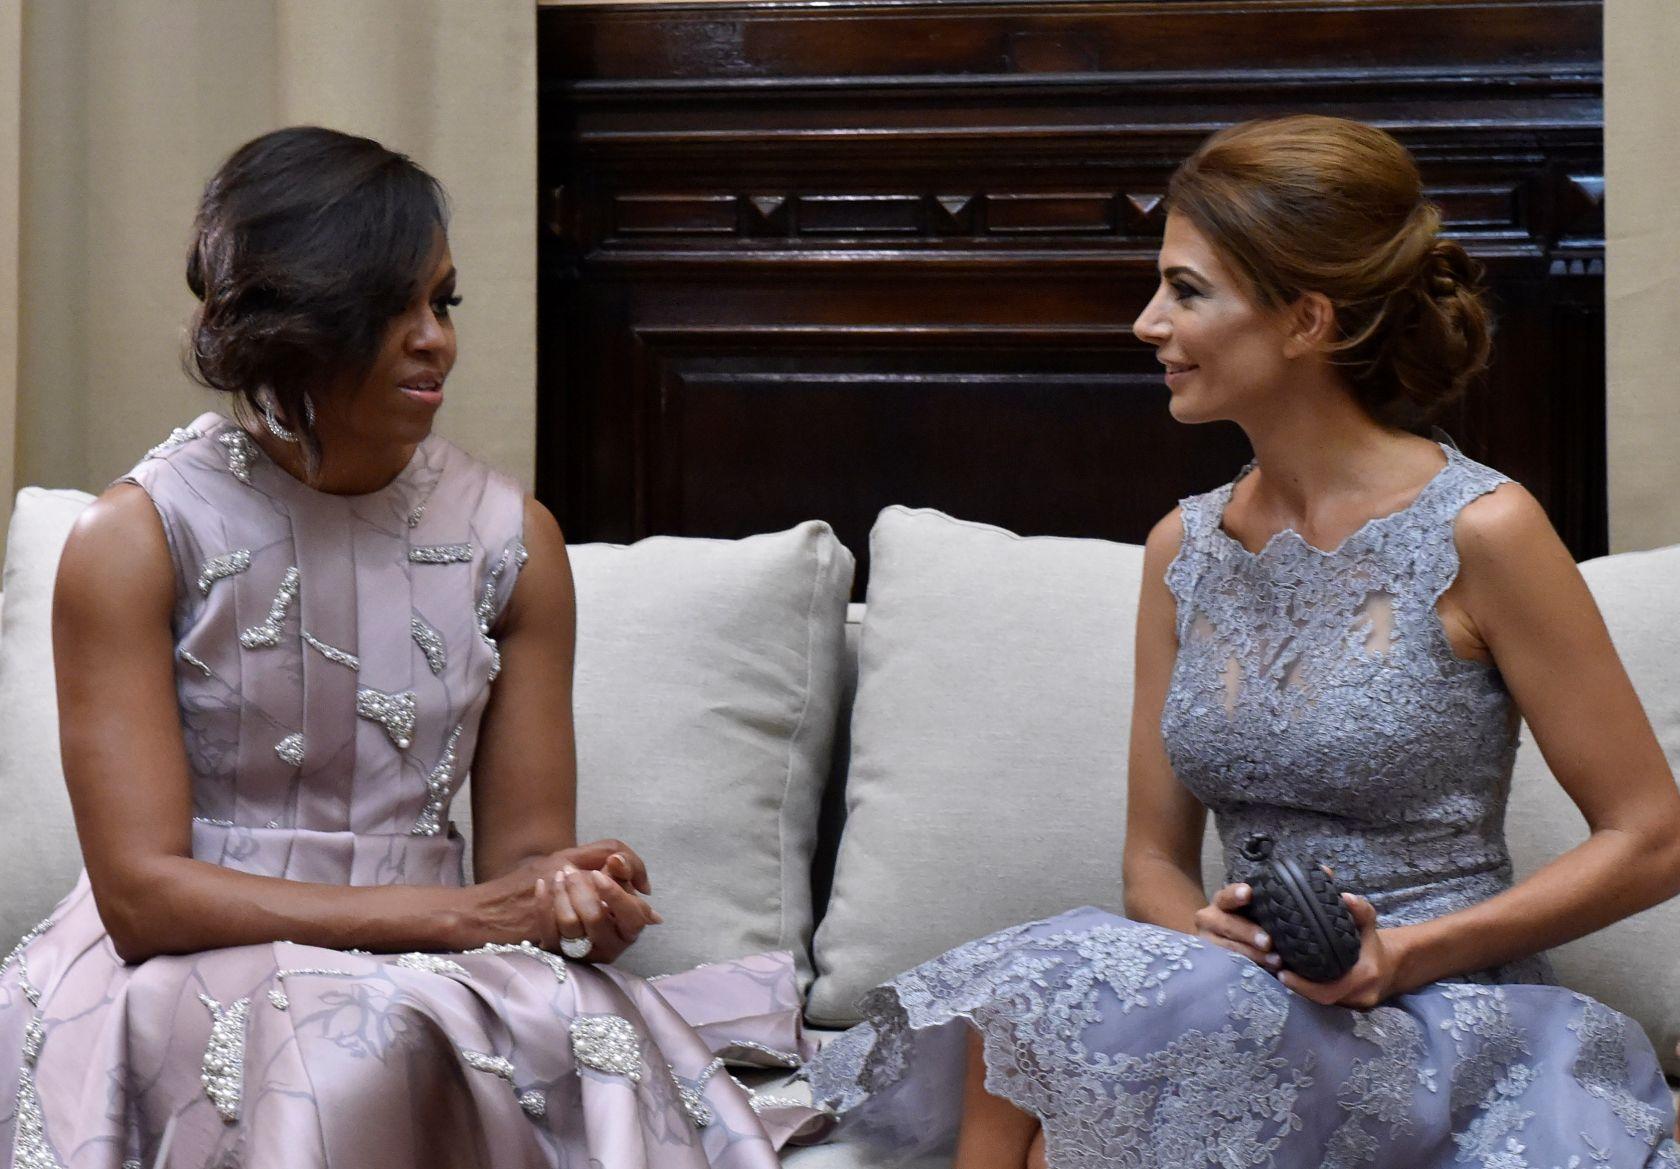 President Obama visits Argentina